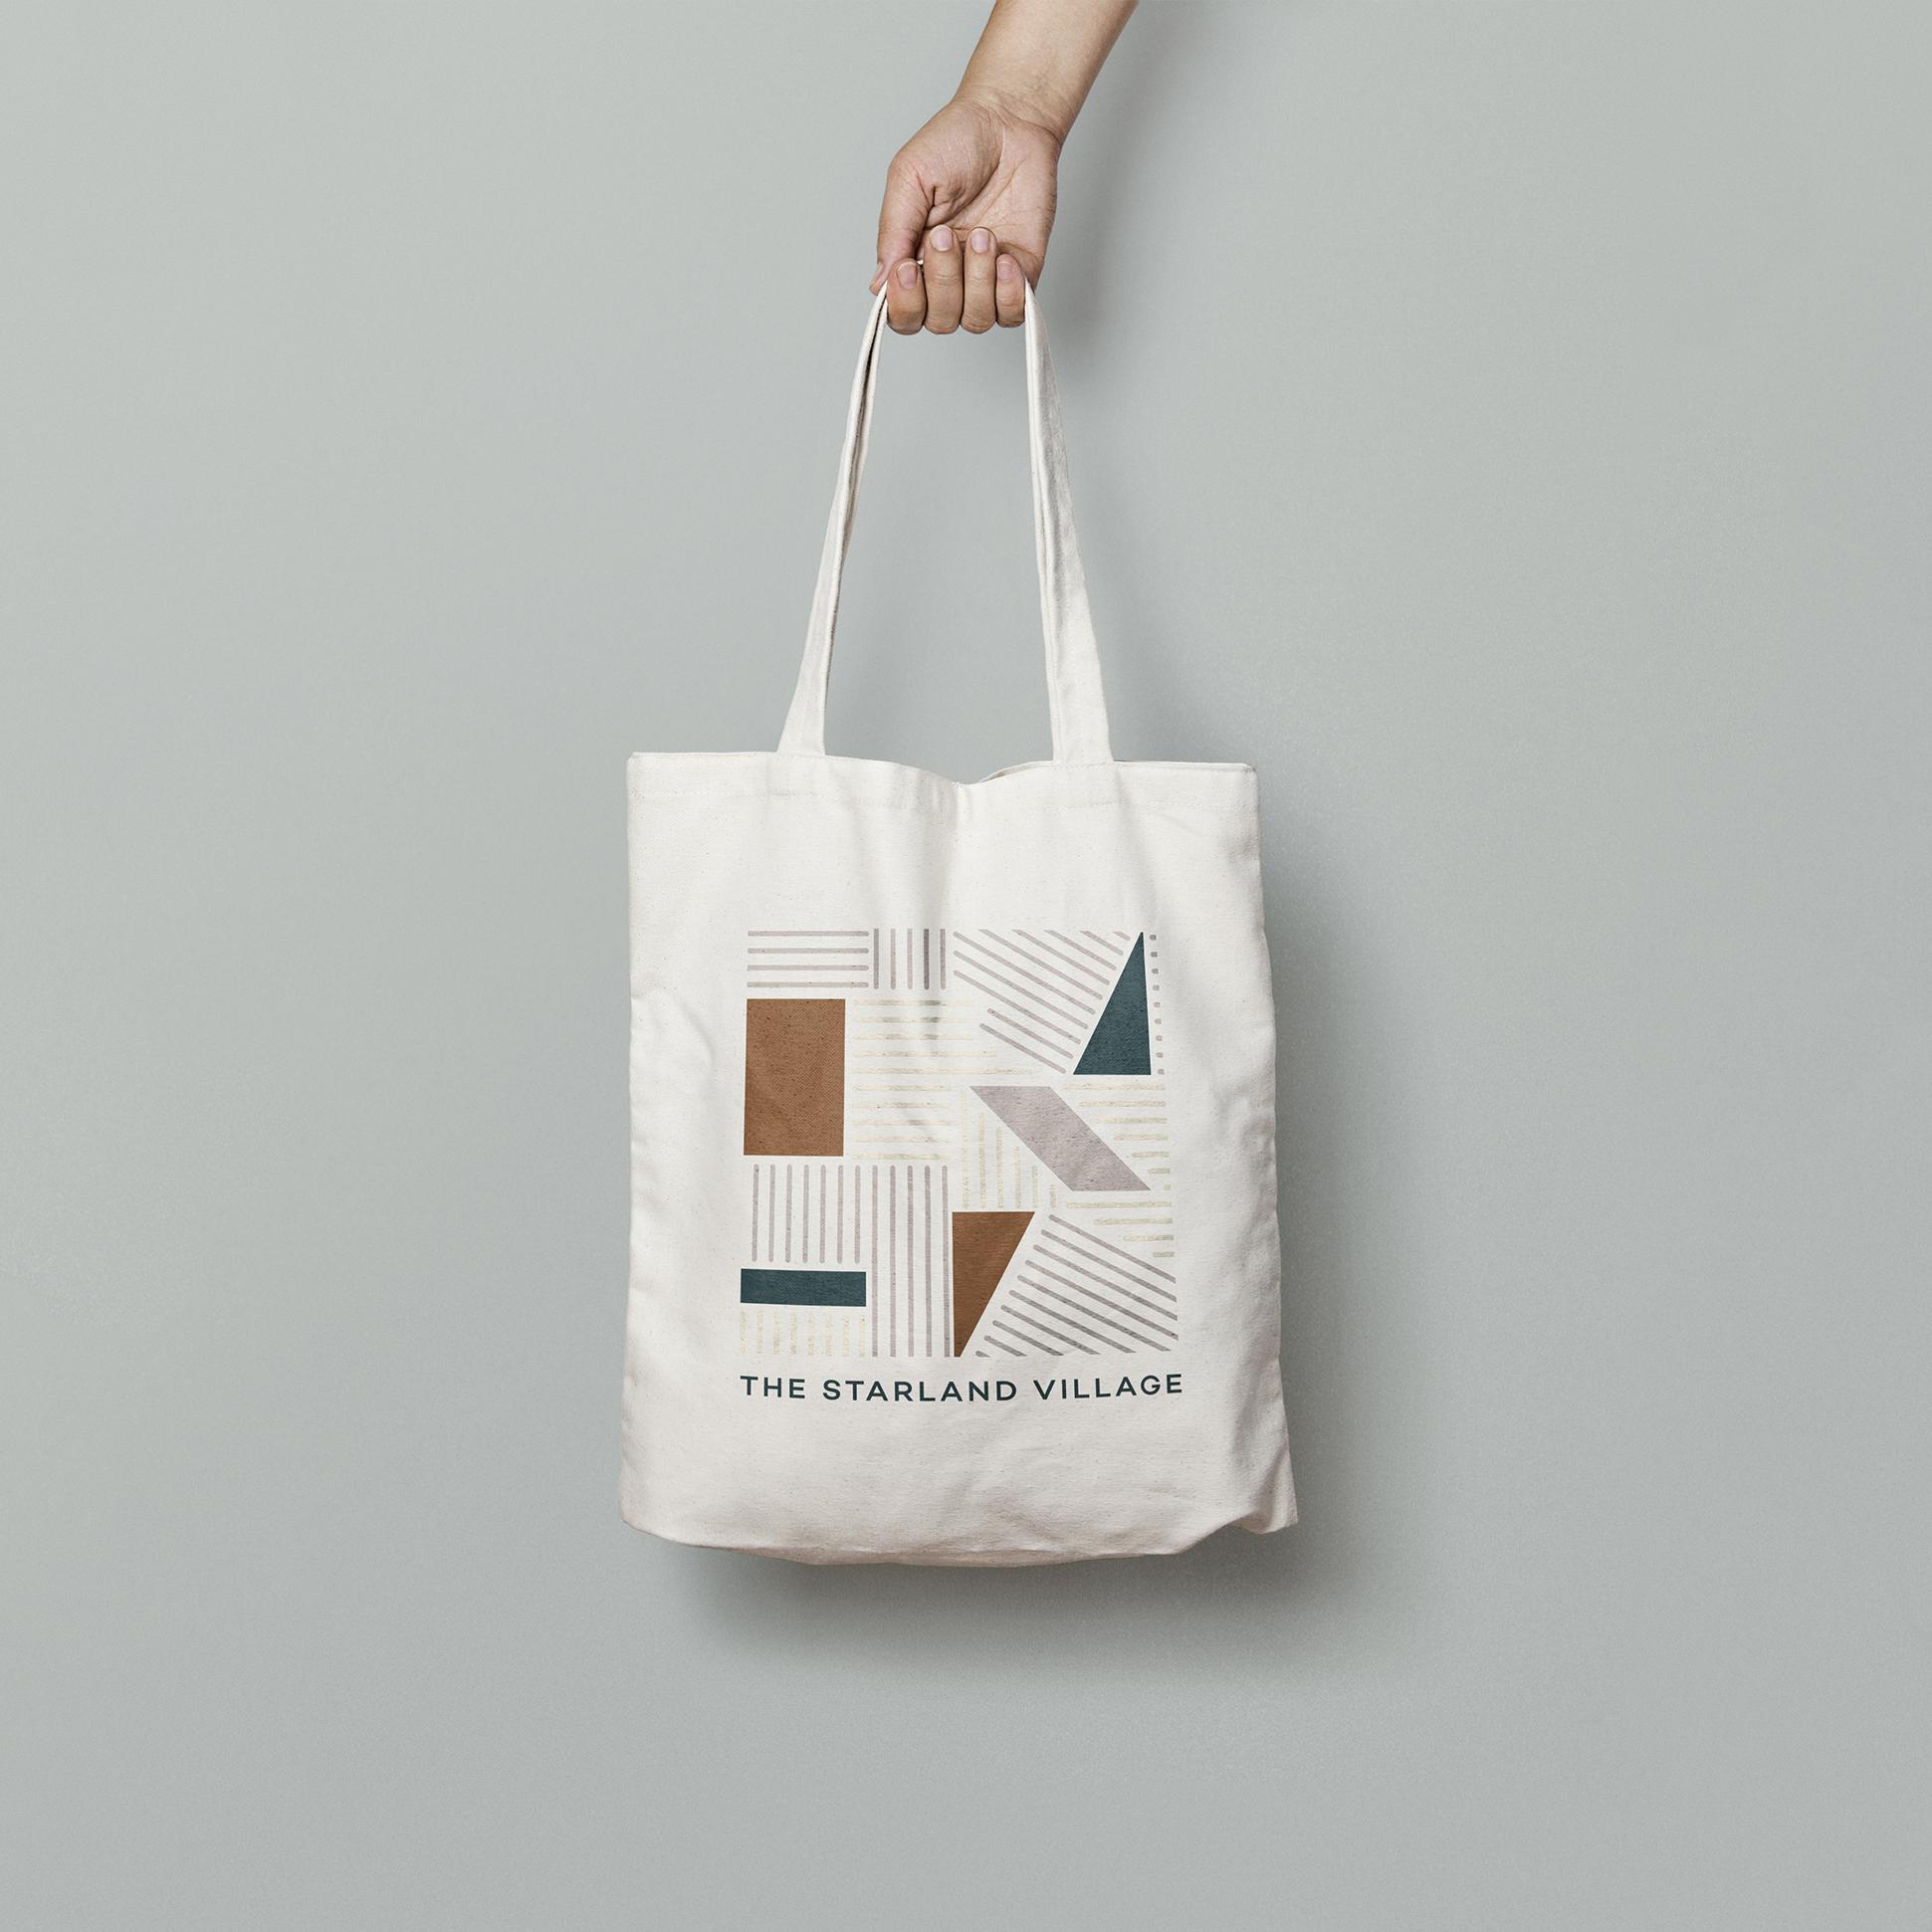 flourish-collaborative-starland-village-branding-canvas-tote.png